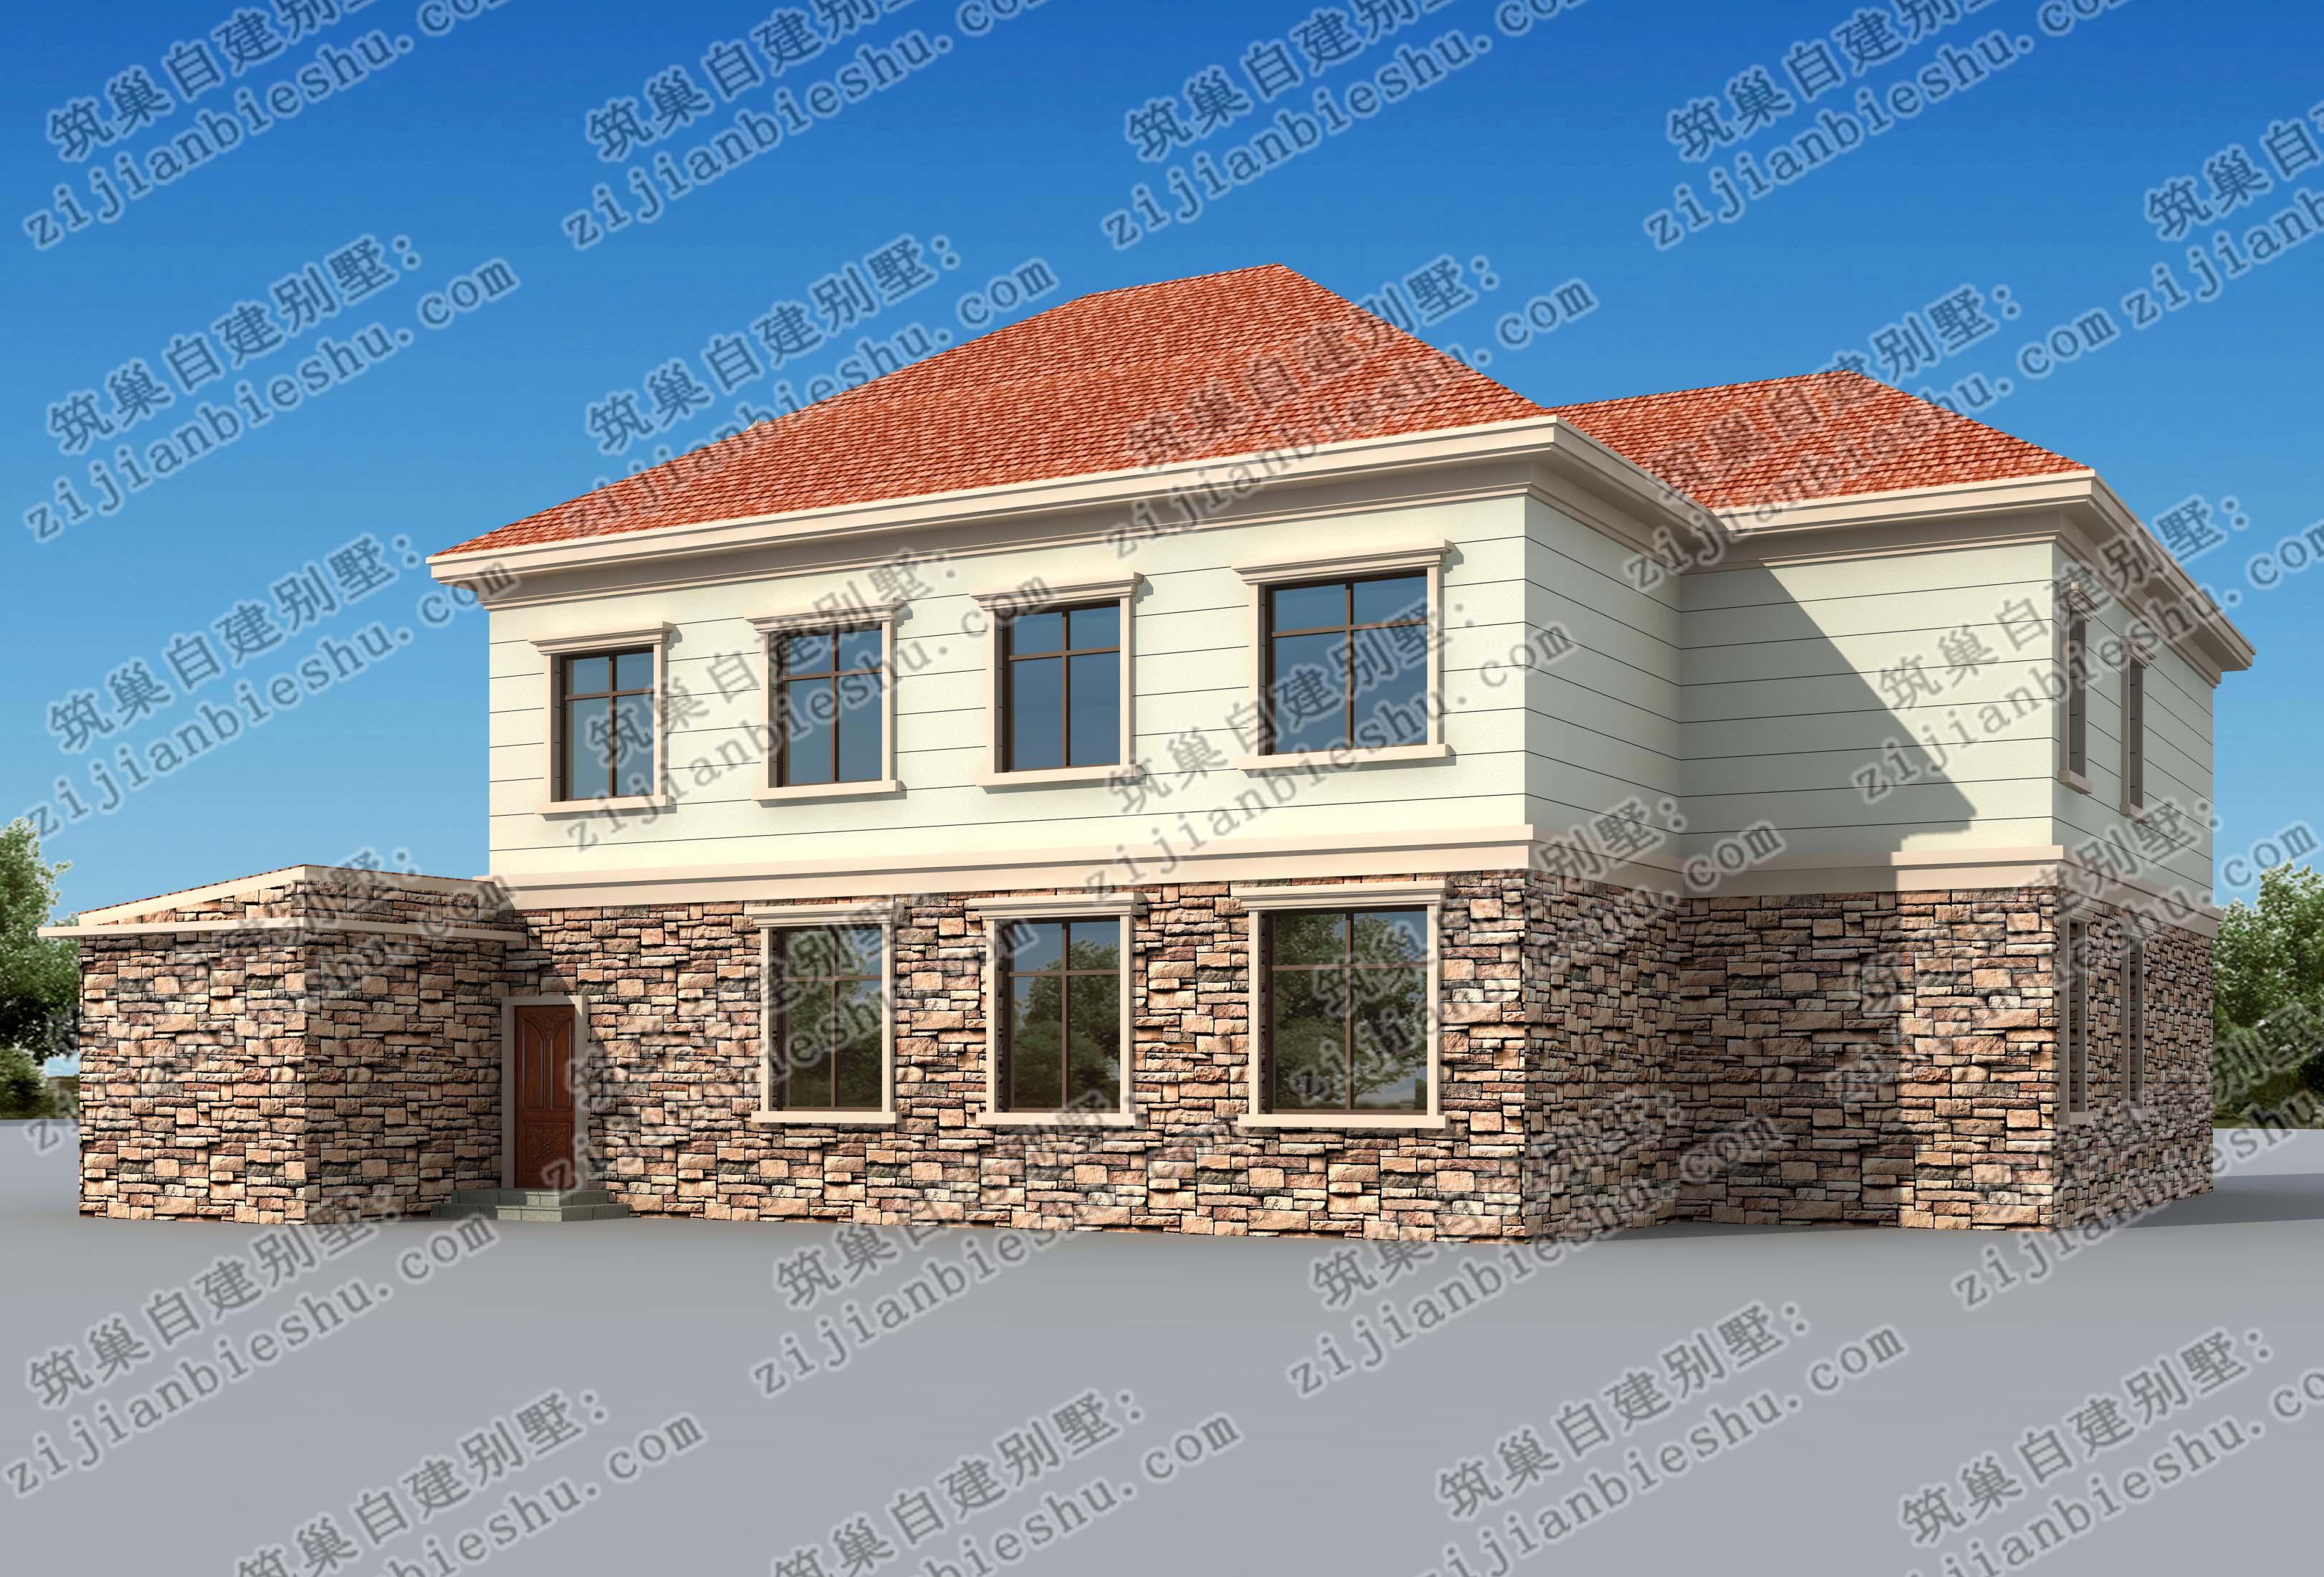 二层农村豪华型别墅,主体造价30万!_搜狐其它_搜狐网